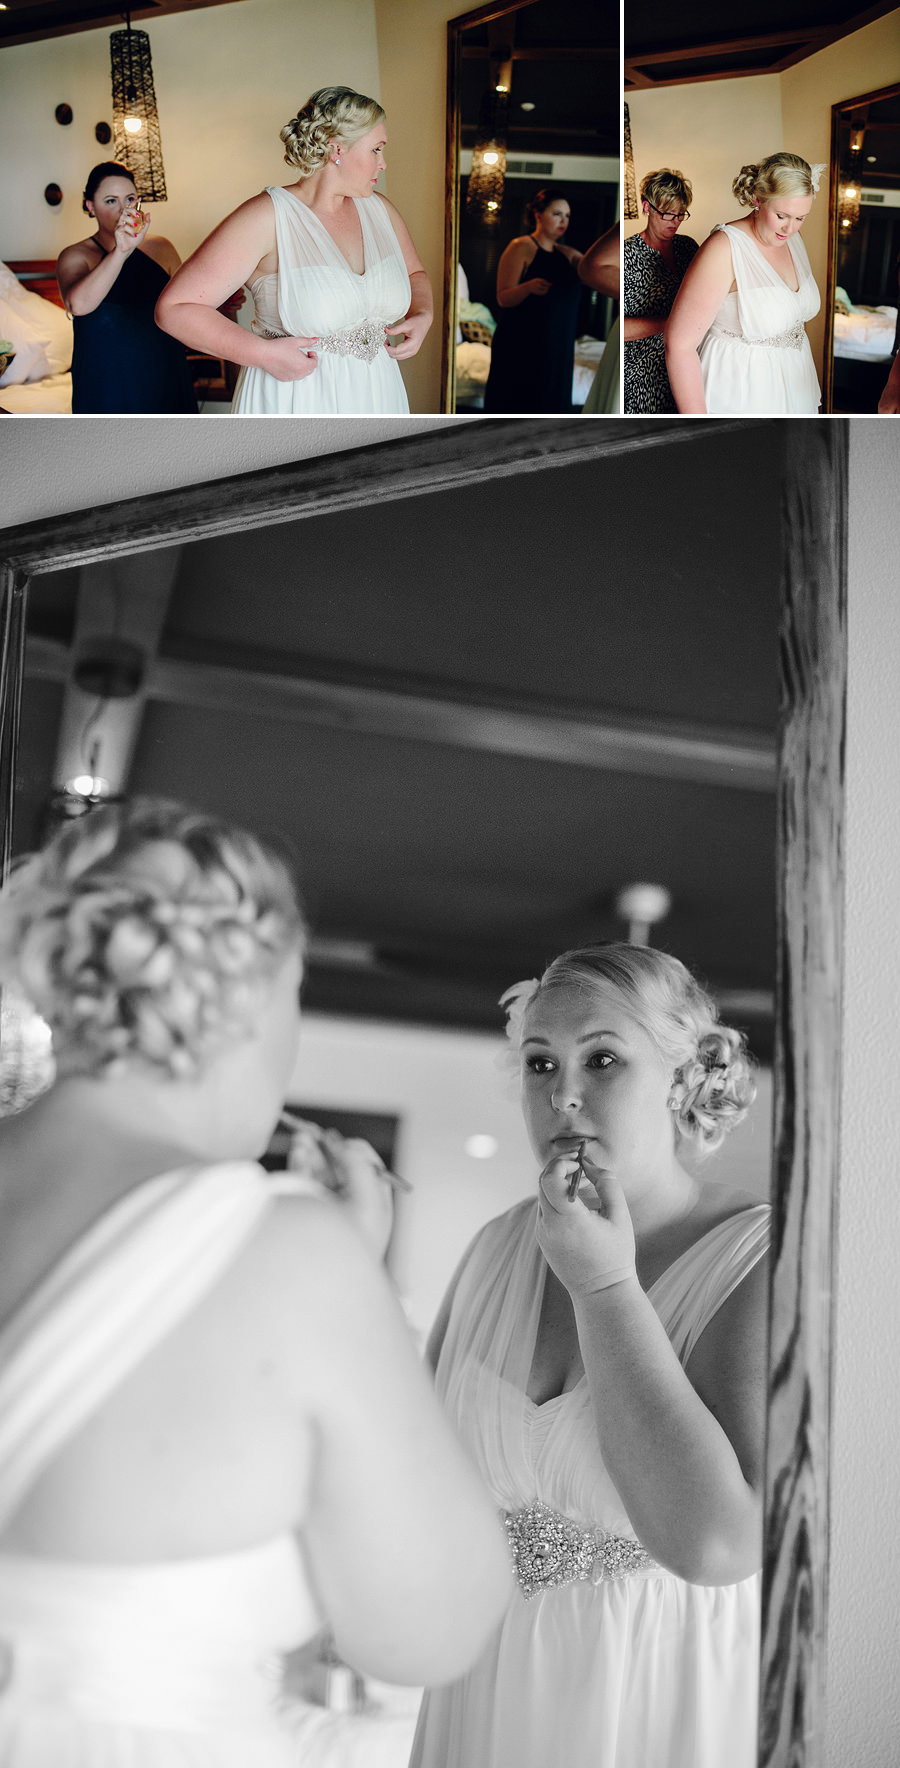 Fijian Wedding Photographer: Makeup